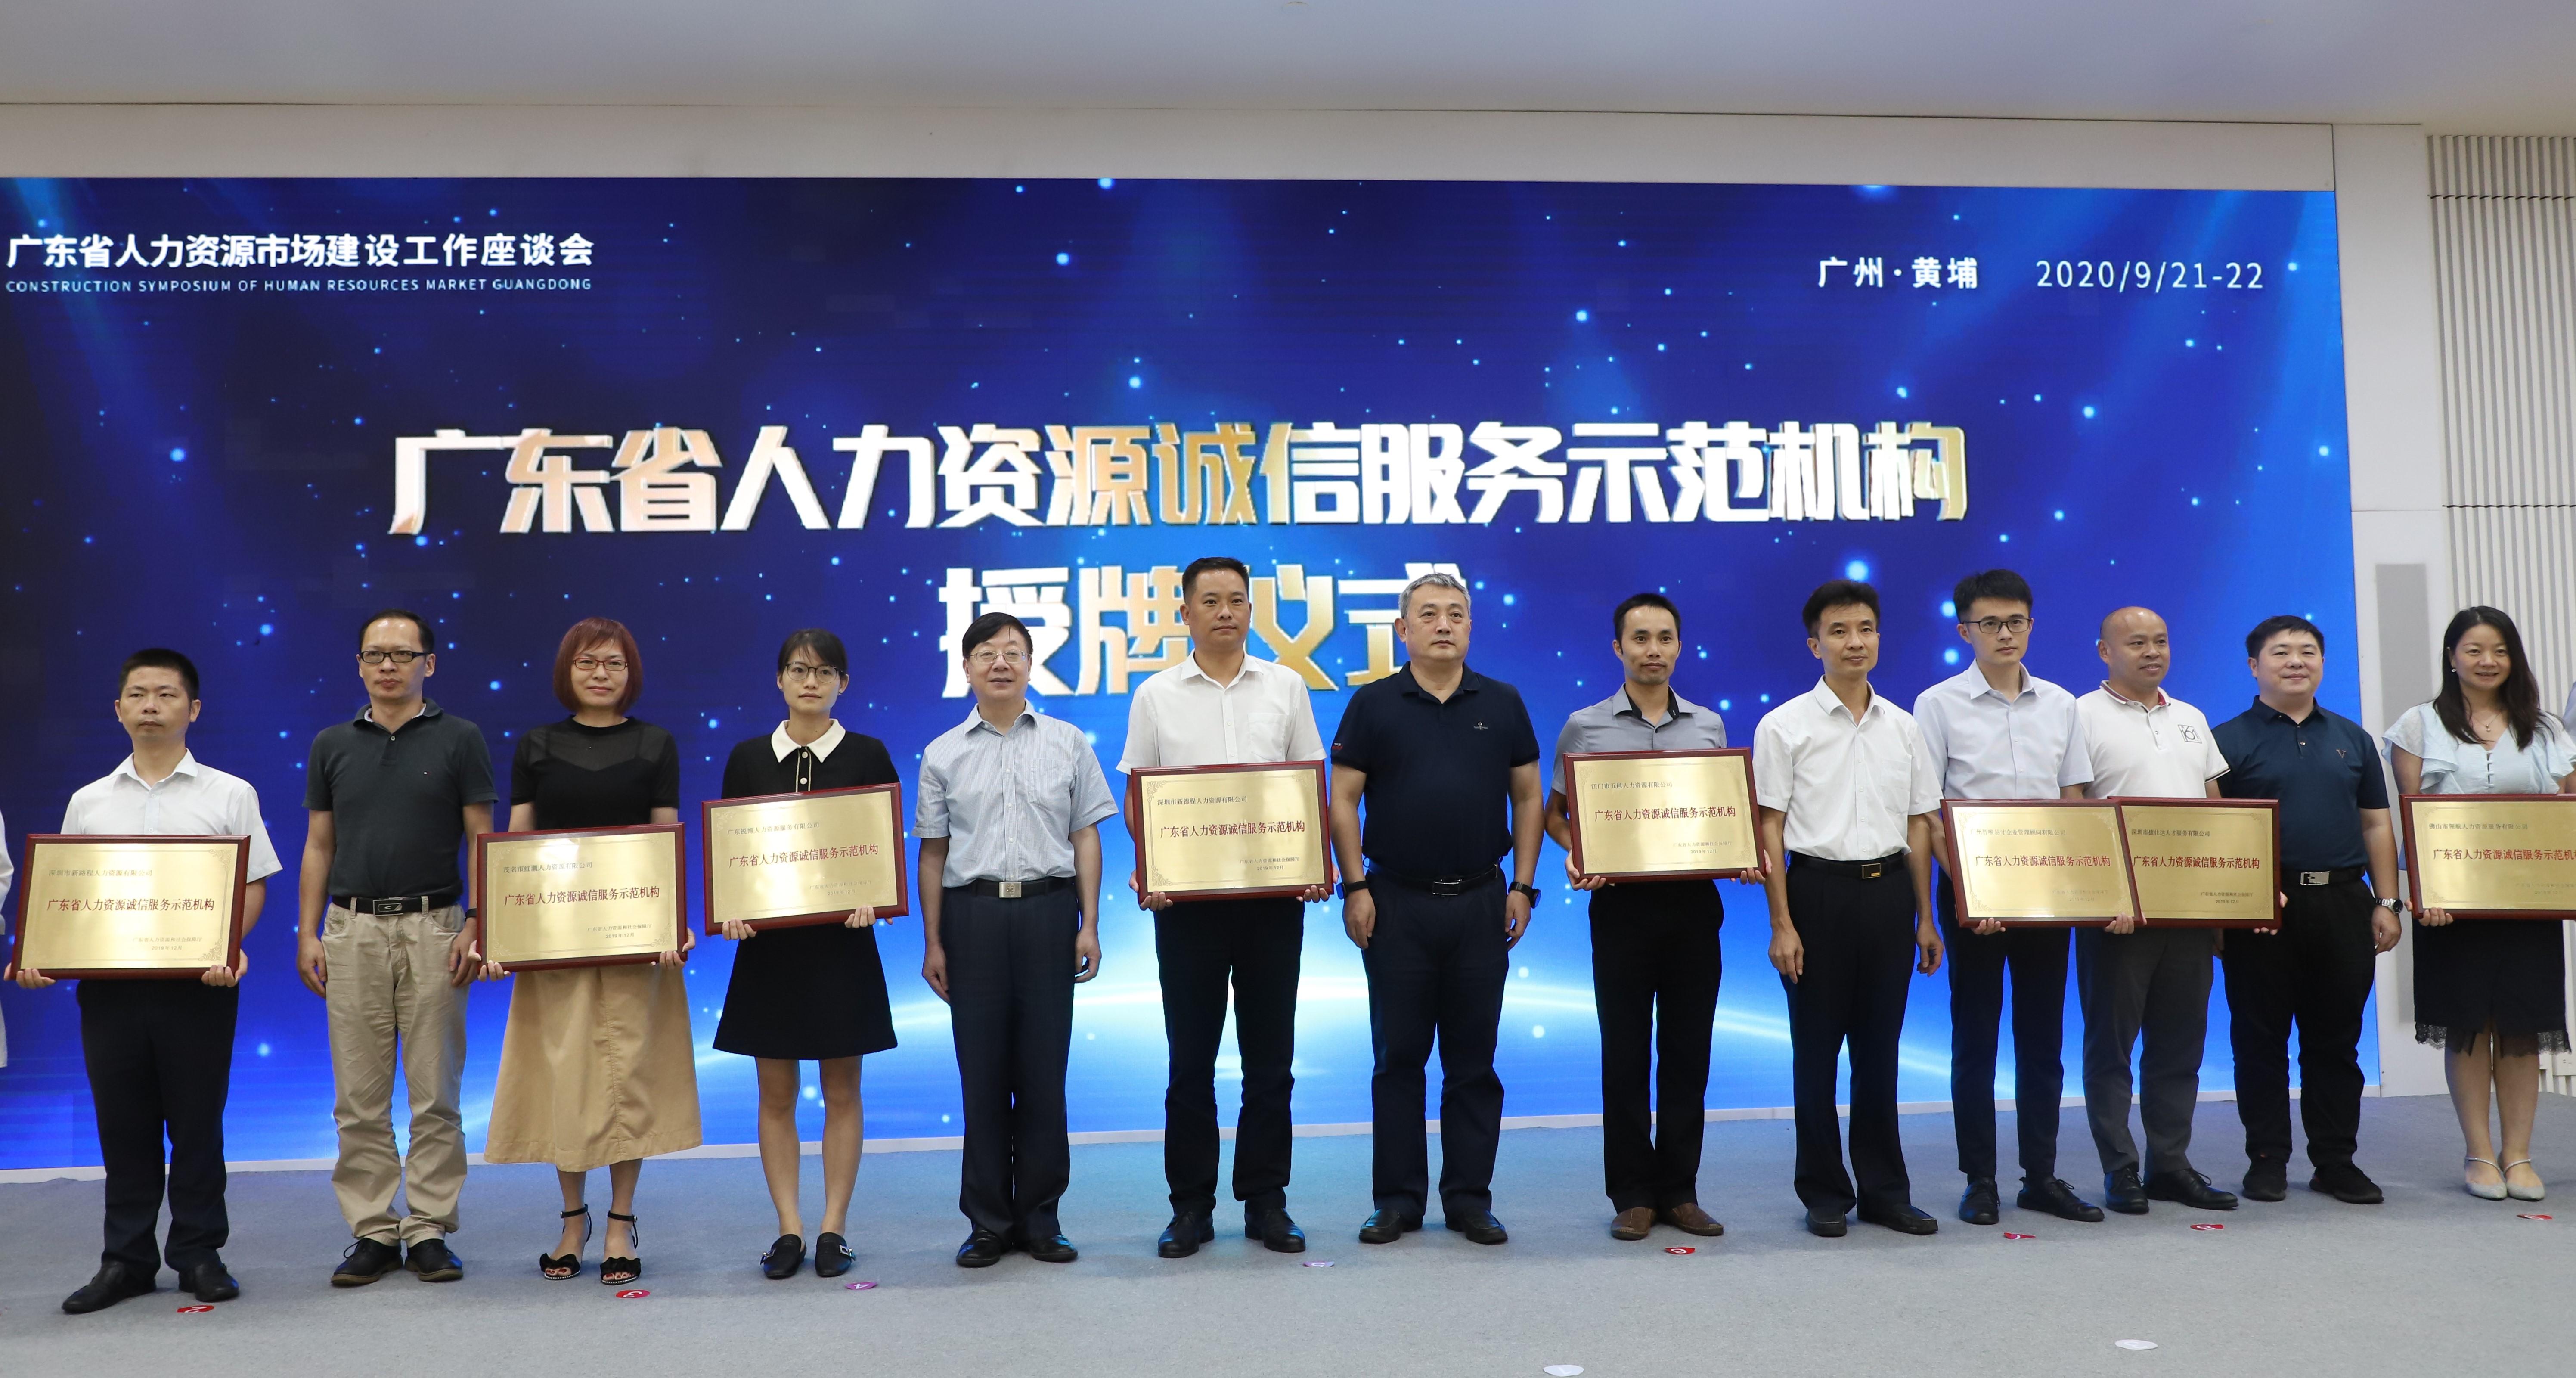 广东锐博出席广东省人力资源诚信服务示范机构授牌仪式